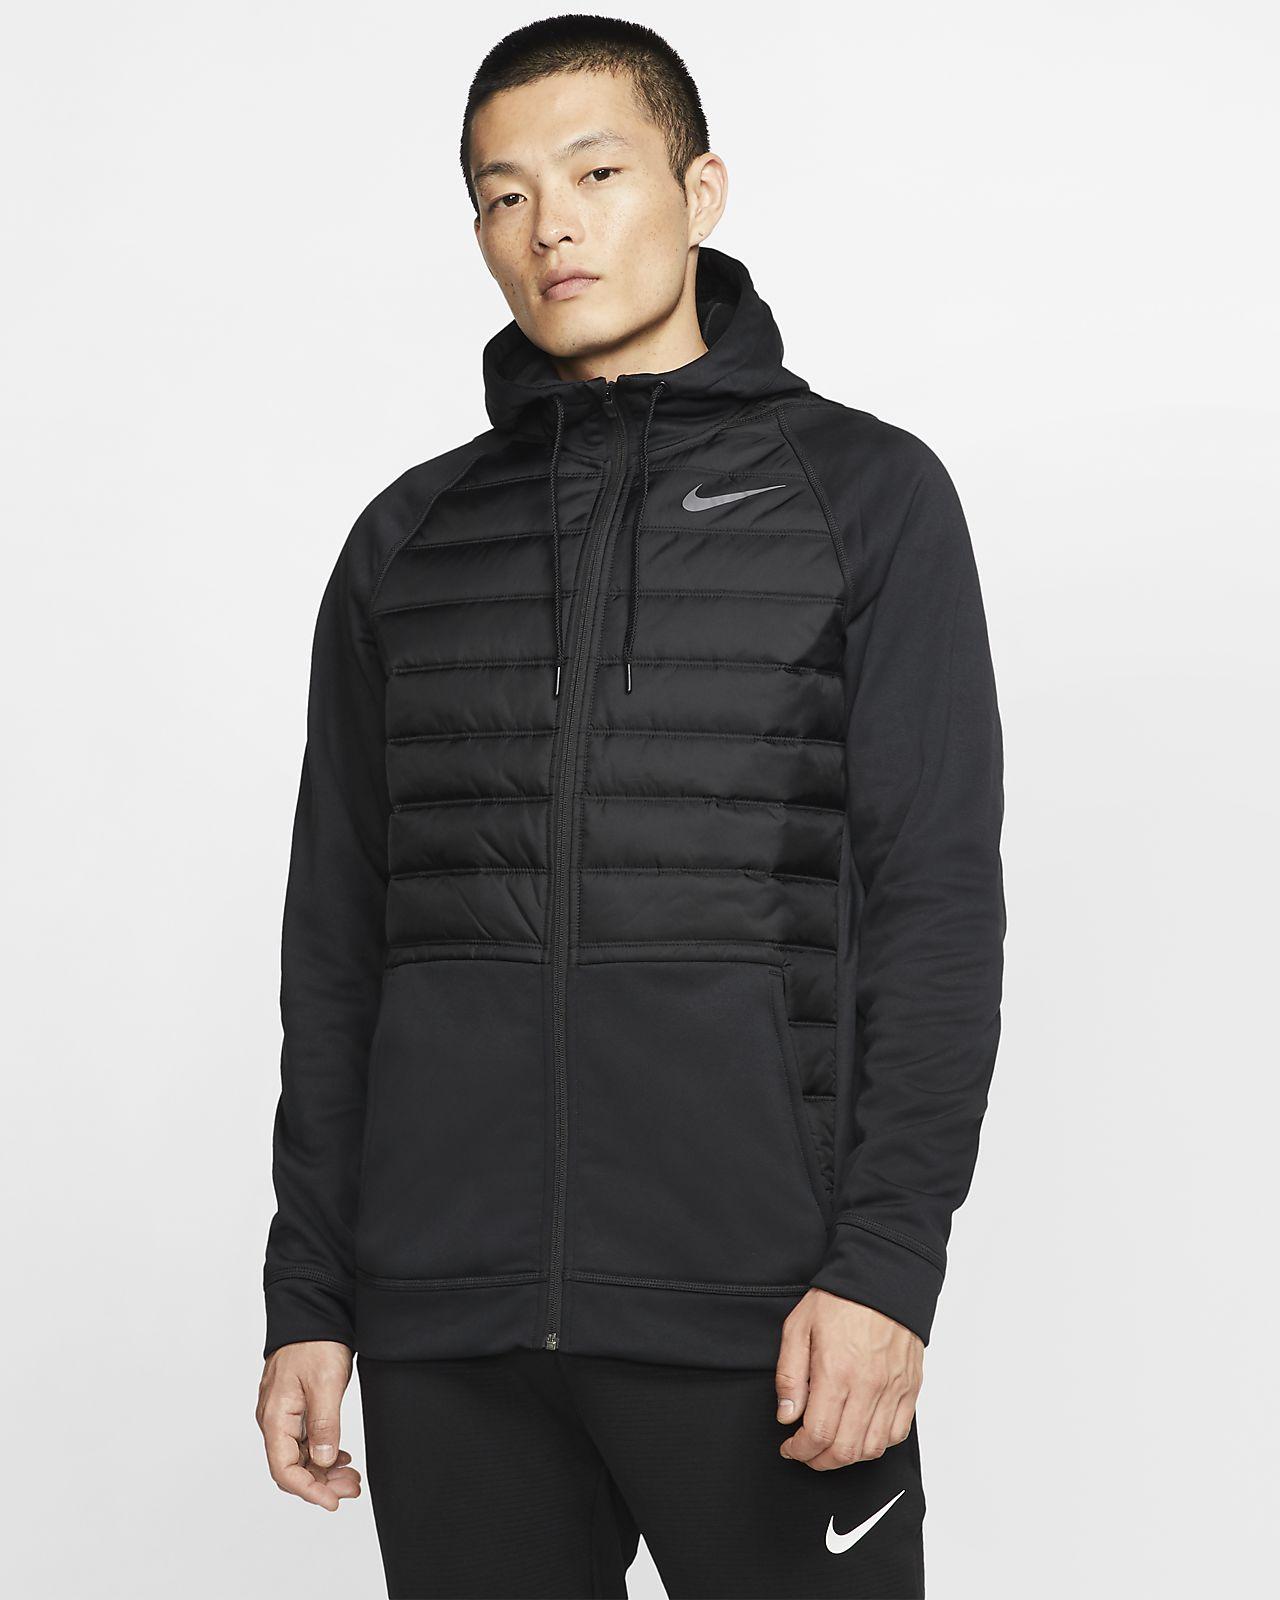 Nike Therma Dessuadora amb caputxa i cremallera completa d'entrenament - Home